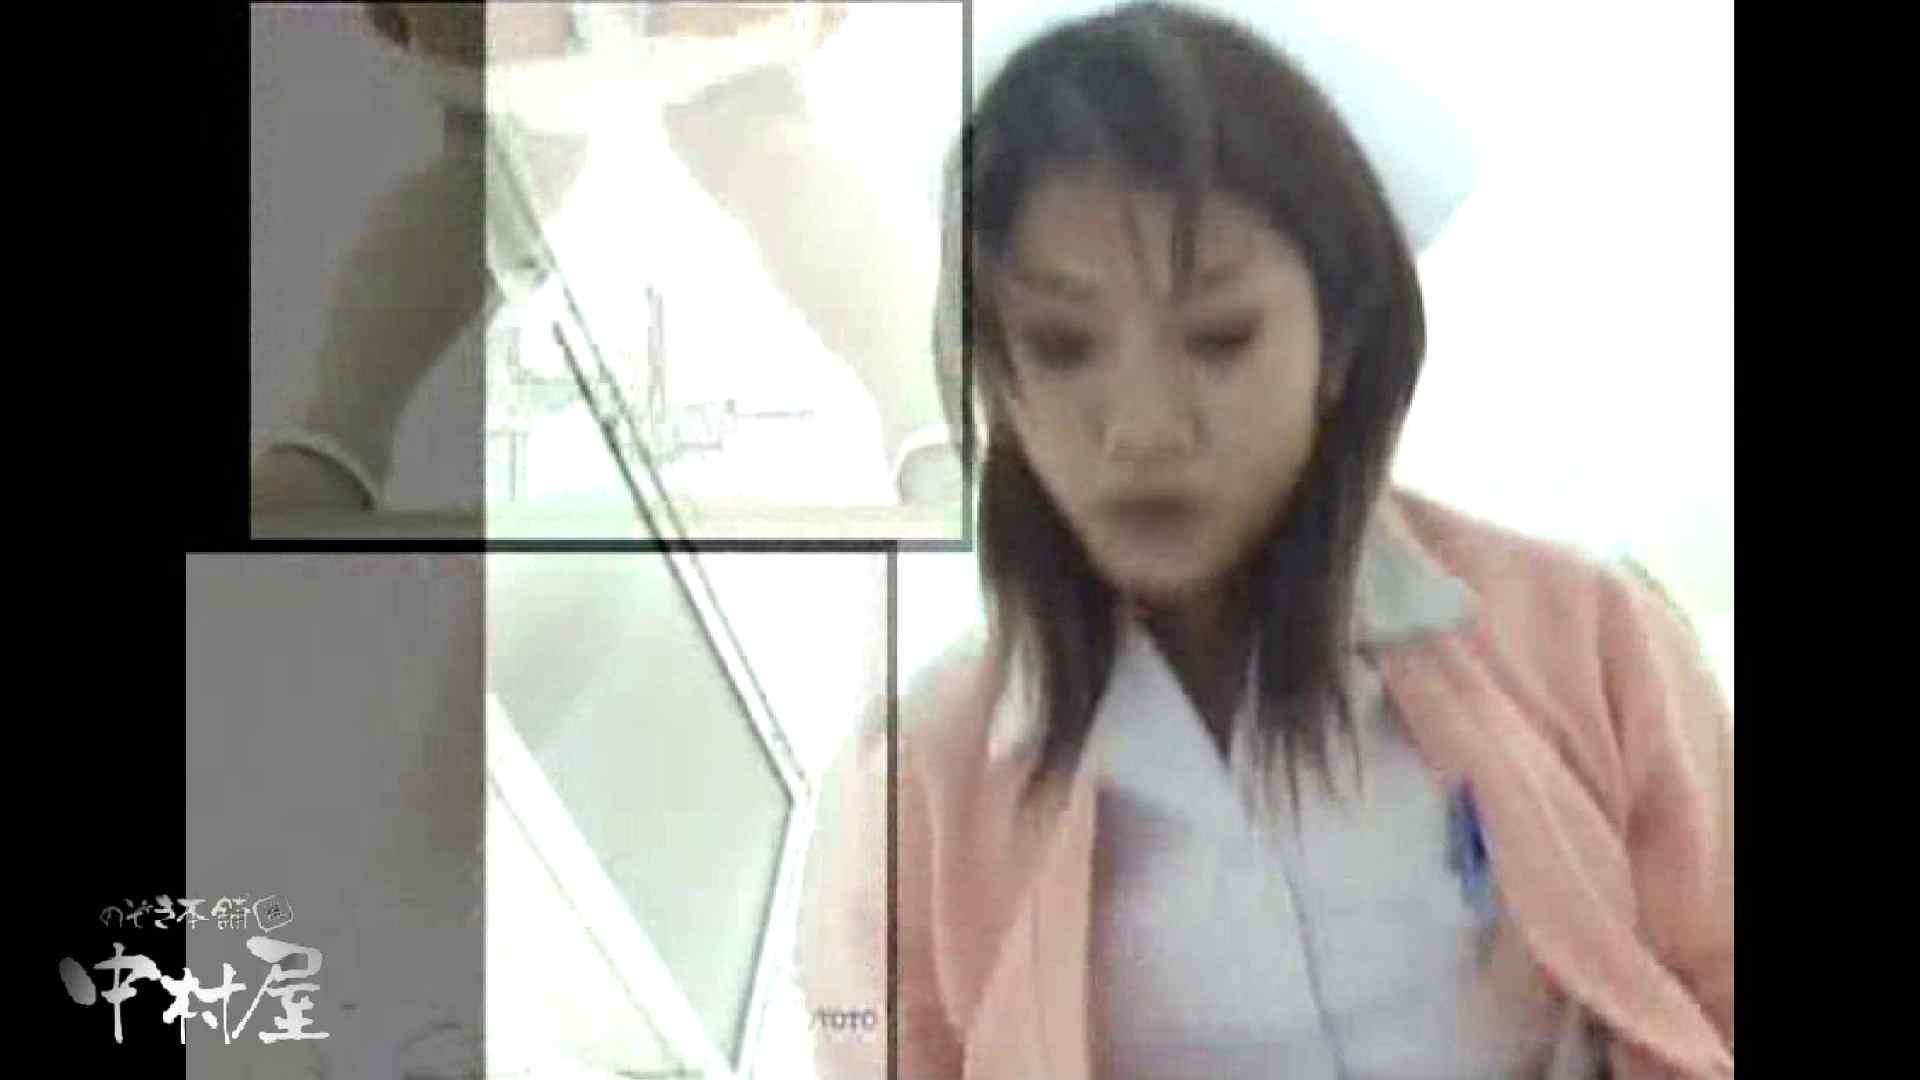 都内某大学病院編 和式イ更所盗撮 その⑥ 3名 トイレの中まで アダルト動画キャプチャ 10枚 2